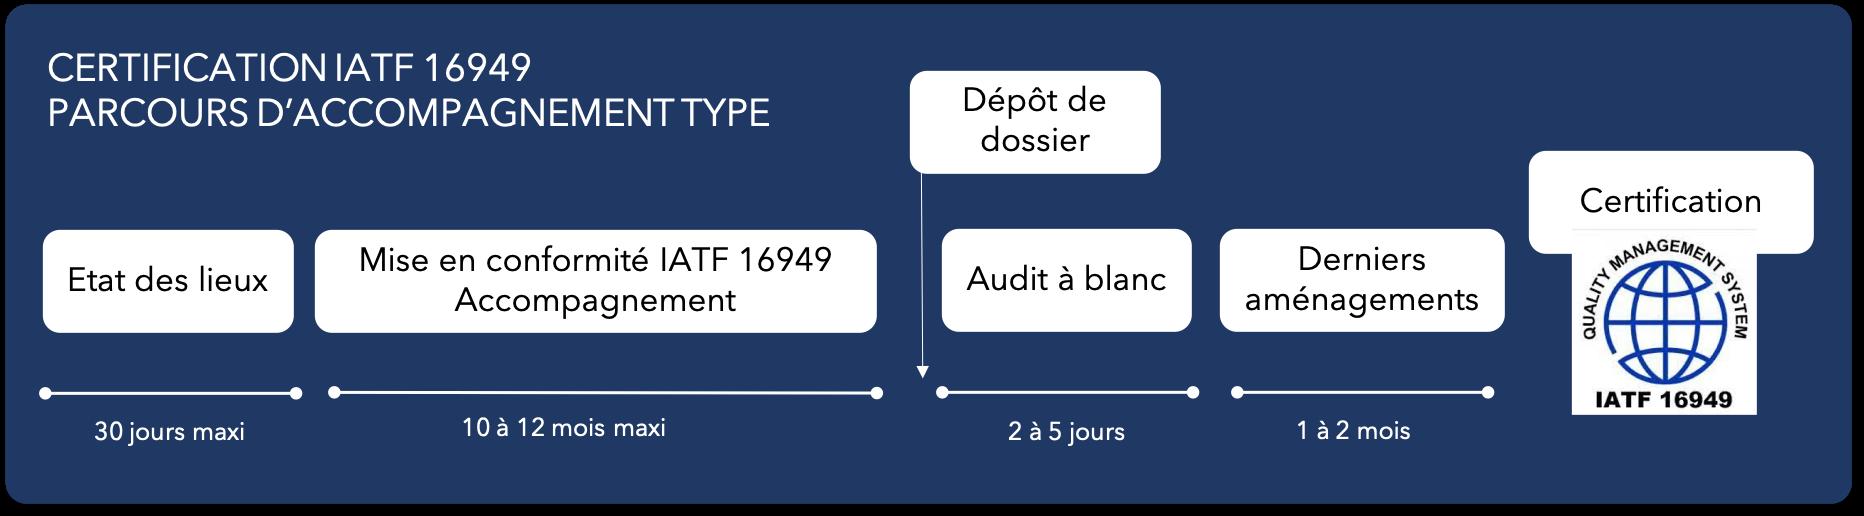 certification-automobile-IATF-16949